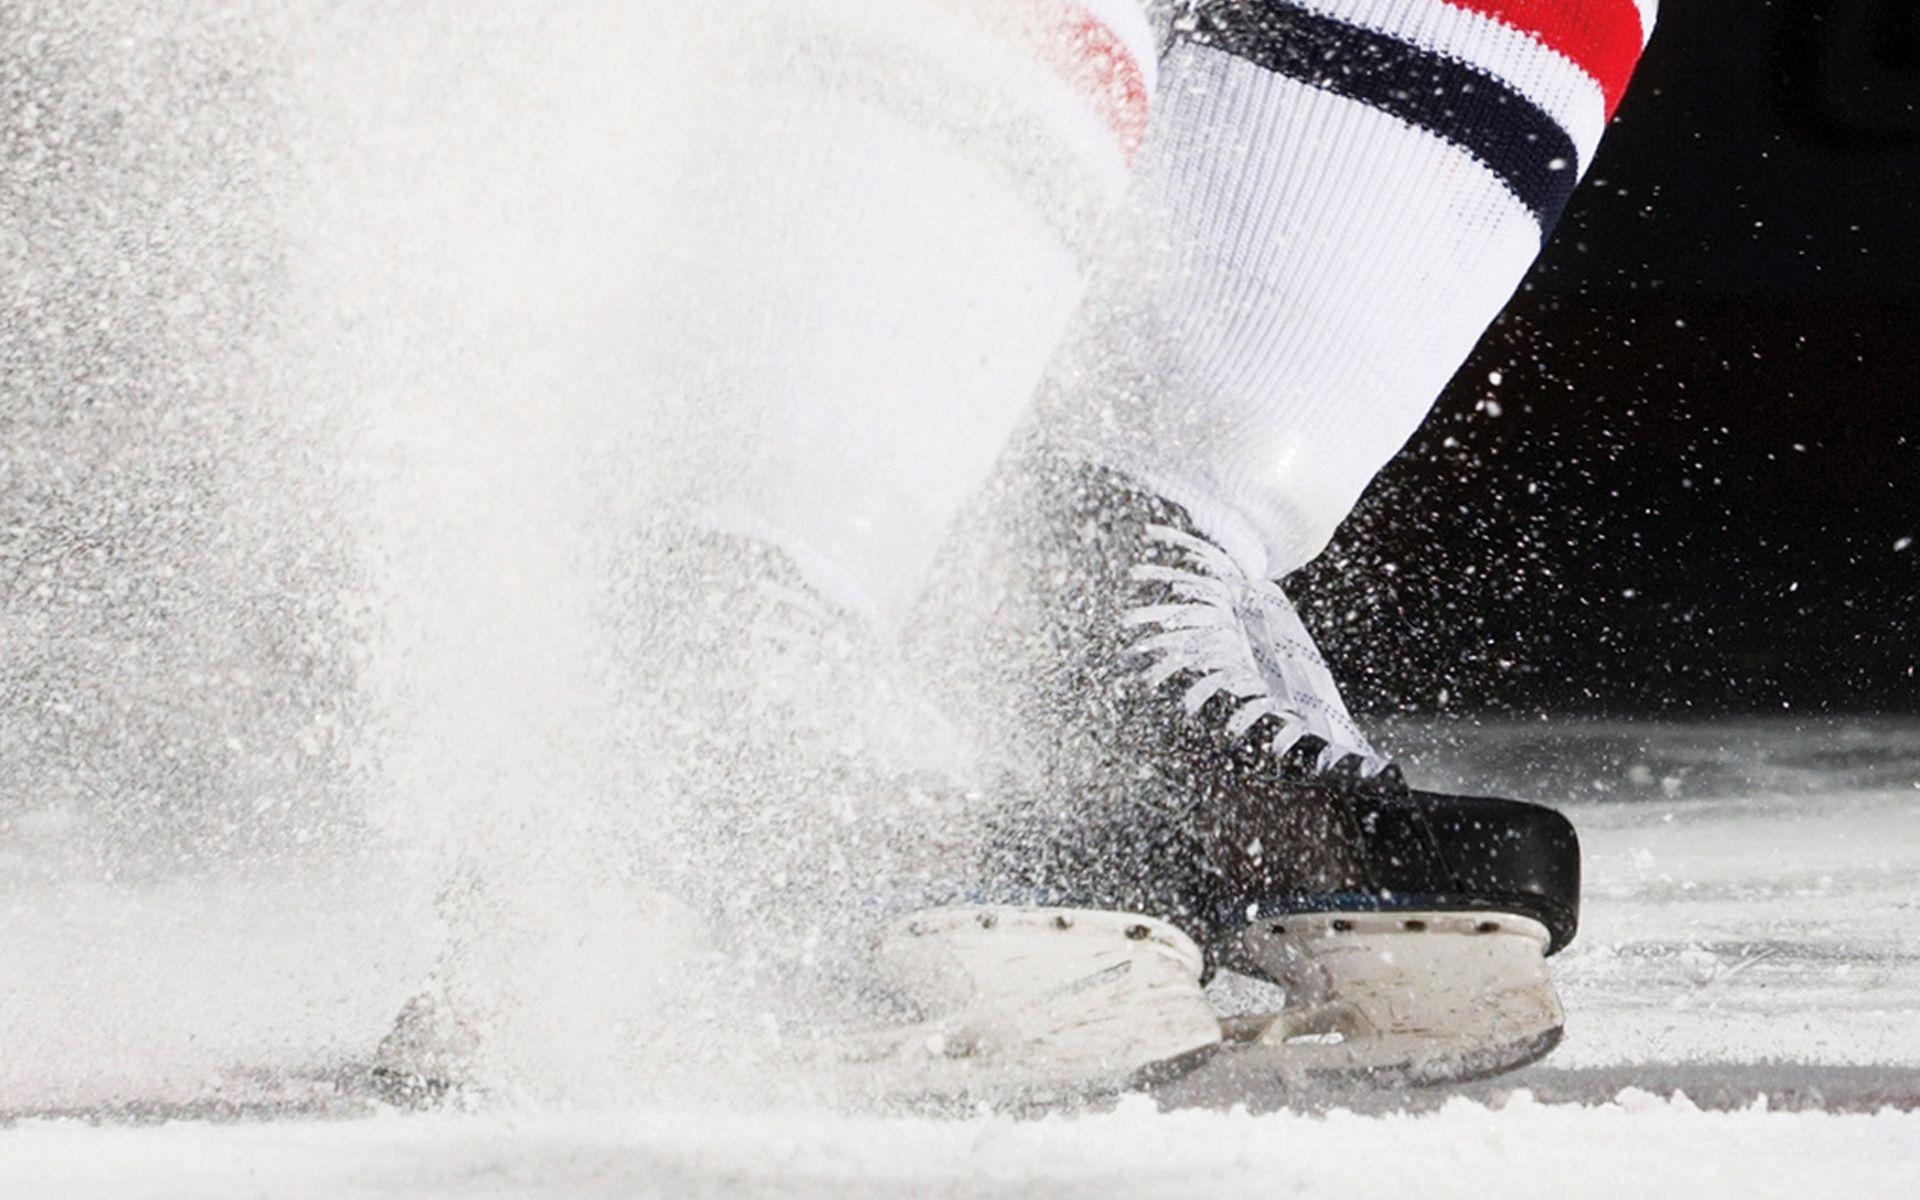 Pin By Alkan Kilinc On Ice Hockey Ice Hockey Hockey Pictures Hockey